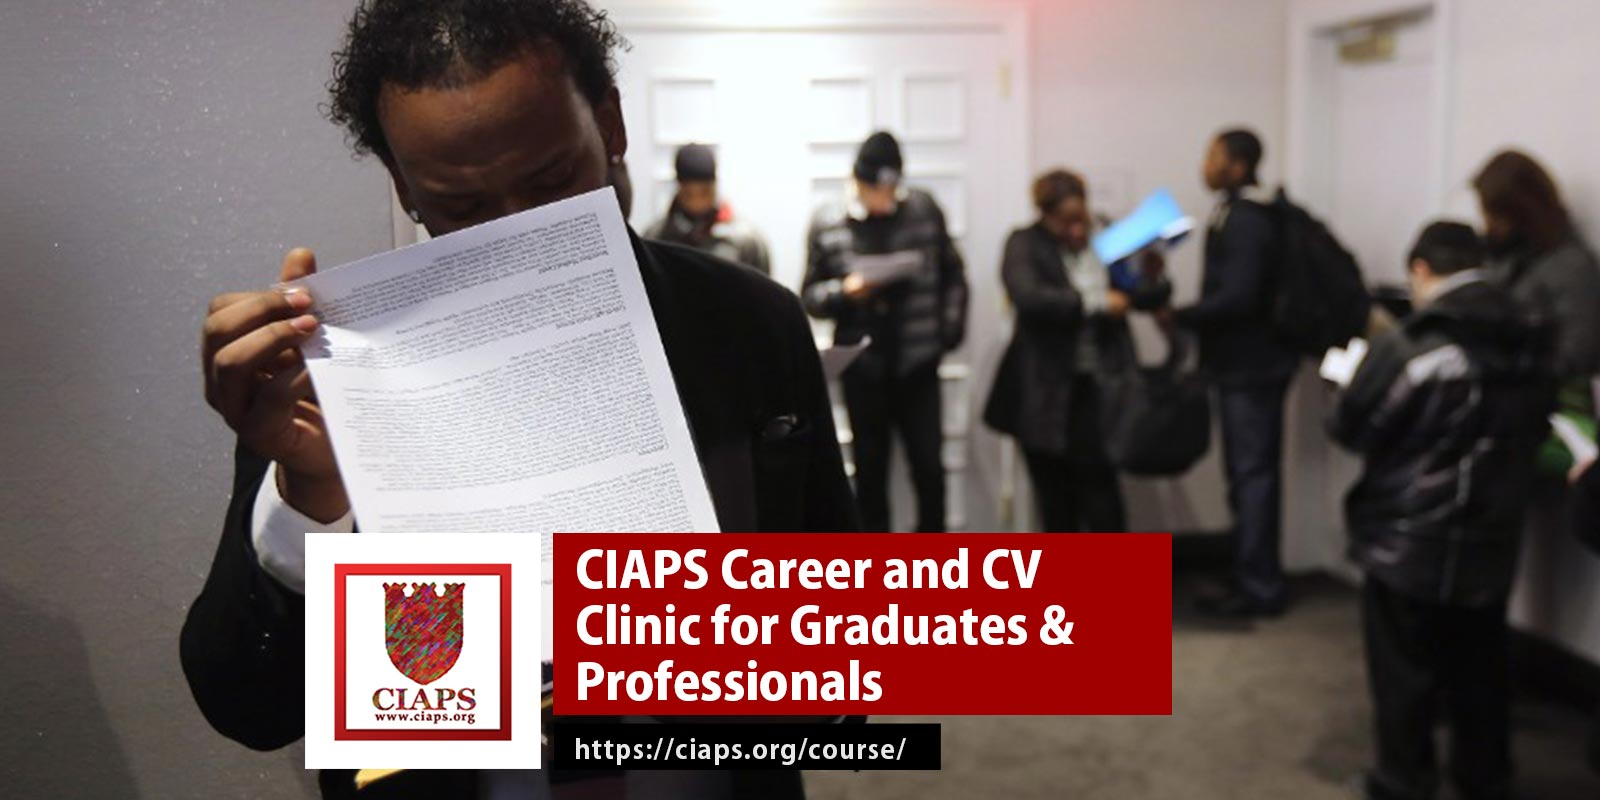 CIAPS CV Clinic for Graduates and professionals